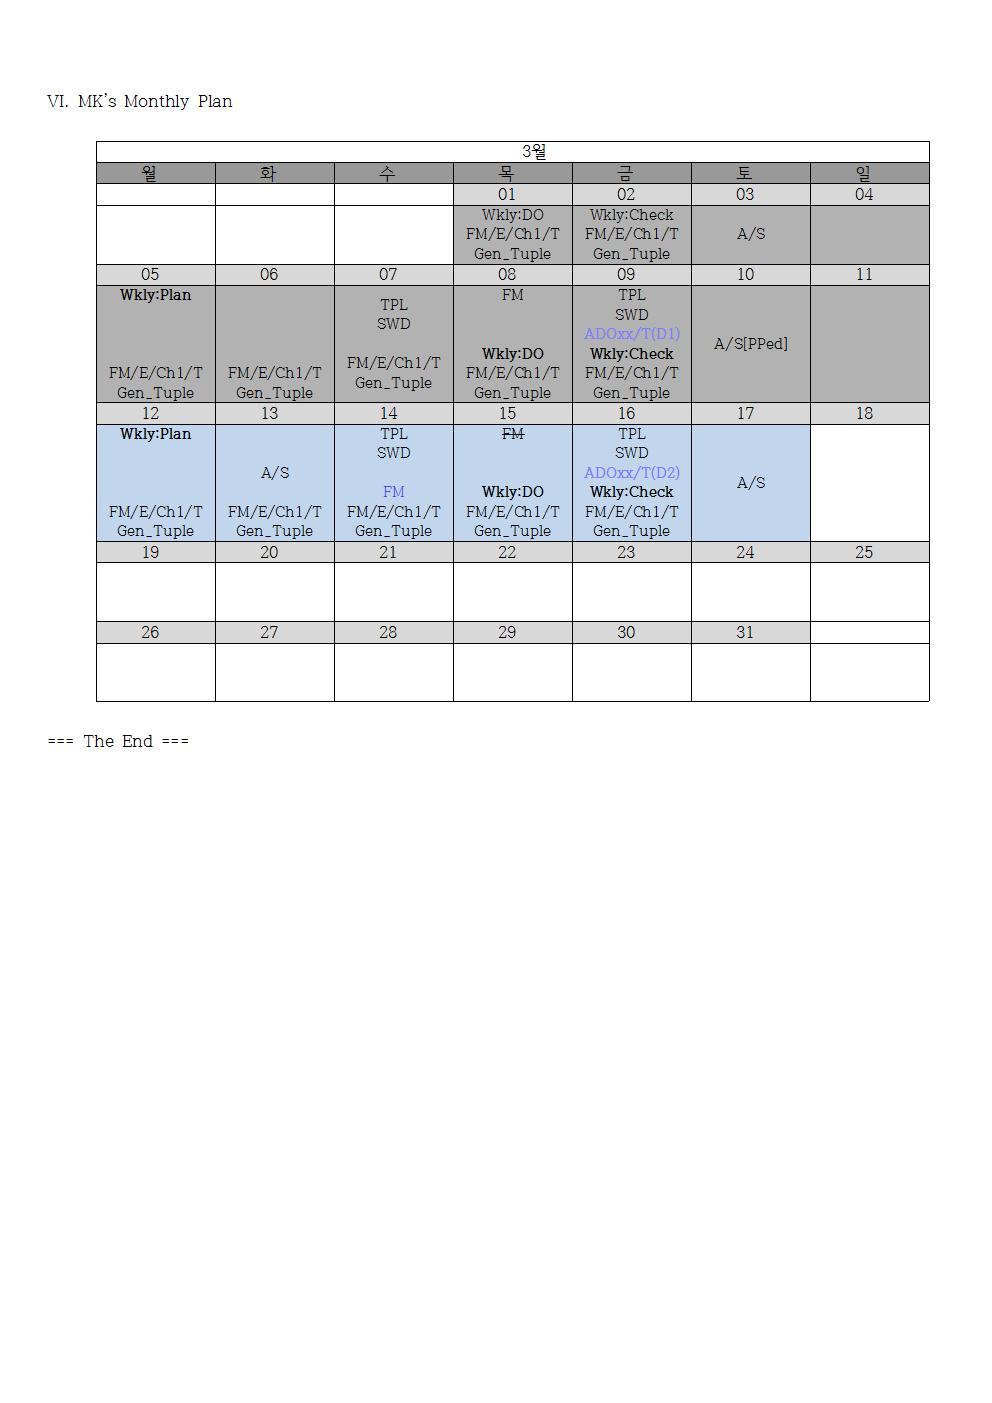 1-Mon-2018-03-12-PLAN-MK-Agenda003.jpg